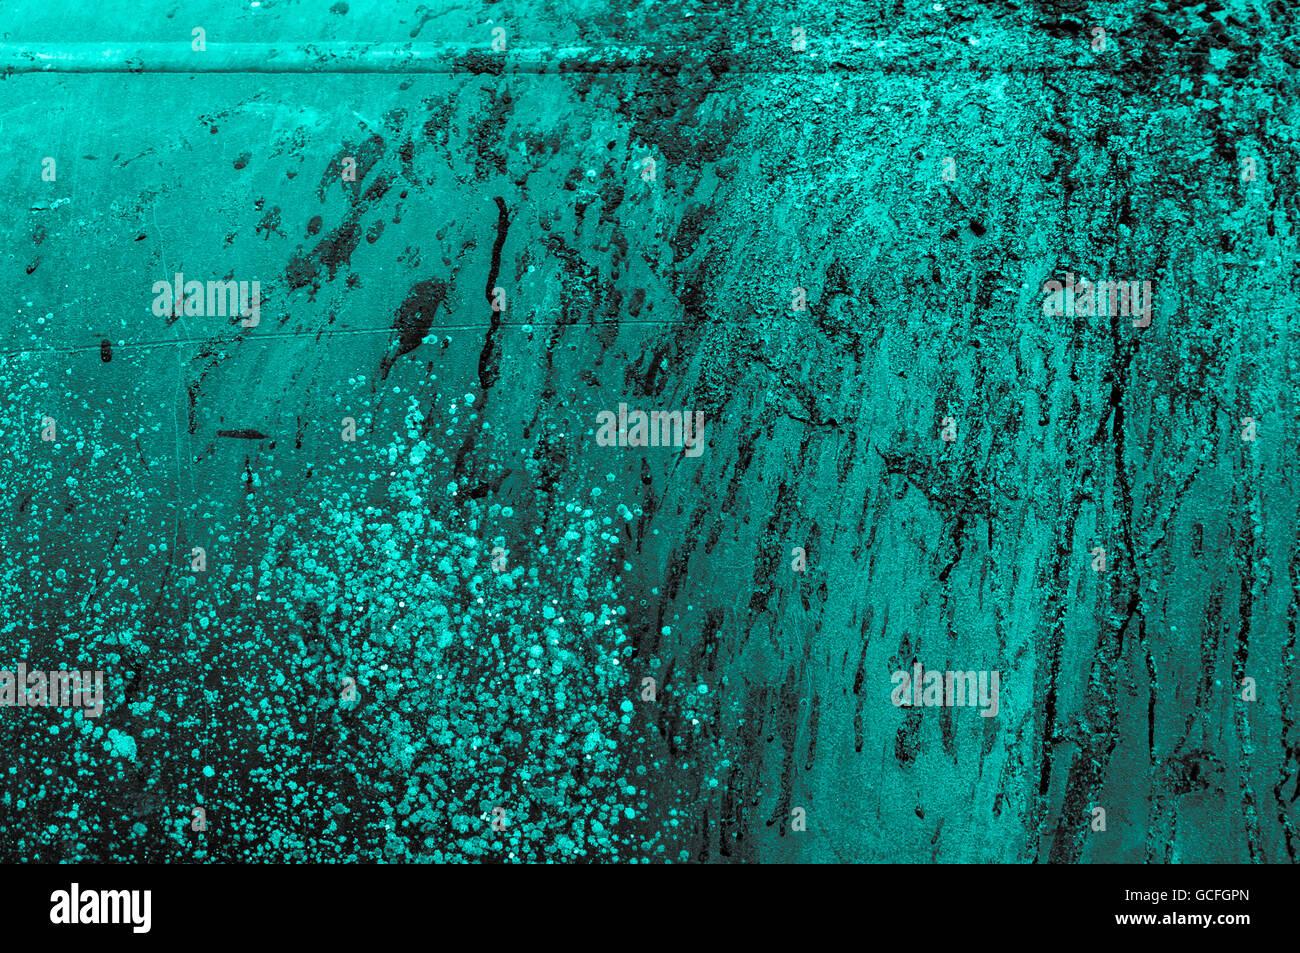 alte rostige Türkis grau Graustufen Eisen Metall Wand mit Farbe bespritzt Stockbild